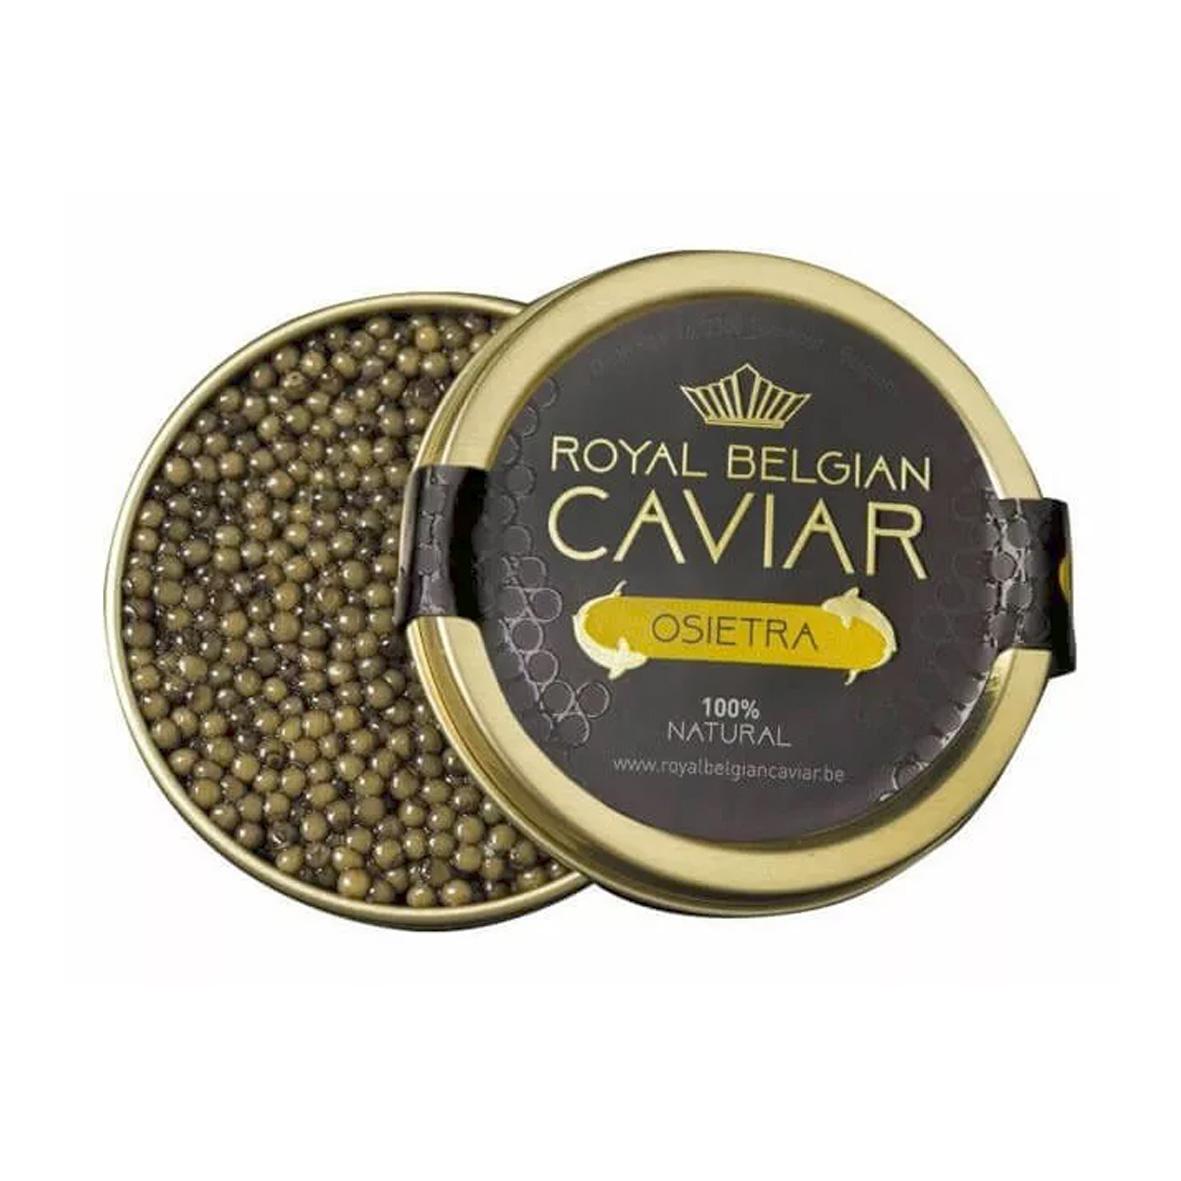 Caviar - Royal Belgian Caviar - Osietra